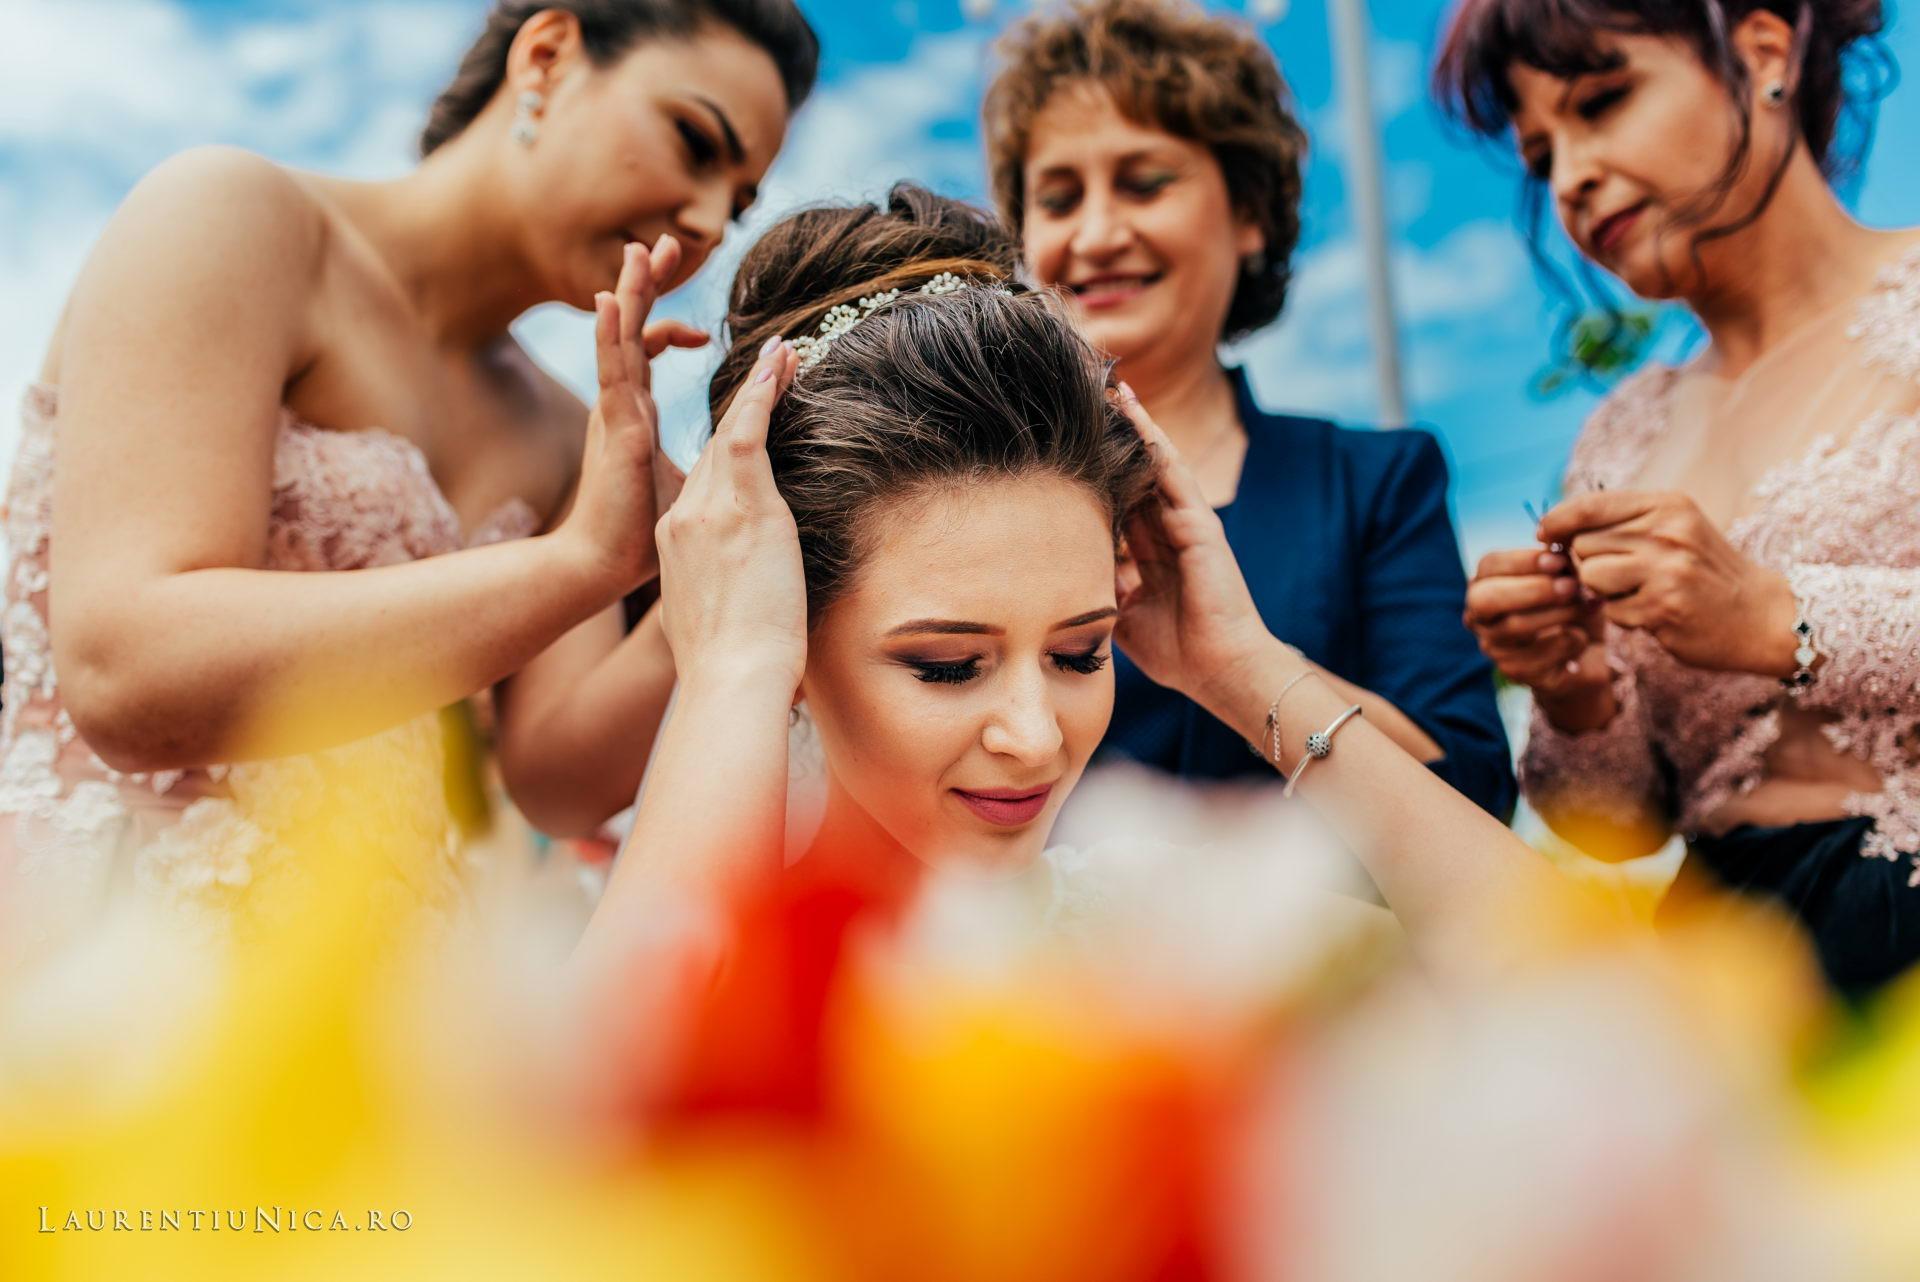 denisa si catalin fotograf nunta laurentiu nica craiova 30 - Denisa si Catalin | Fotografii nunta | Craiova